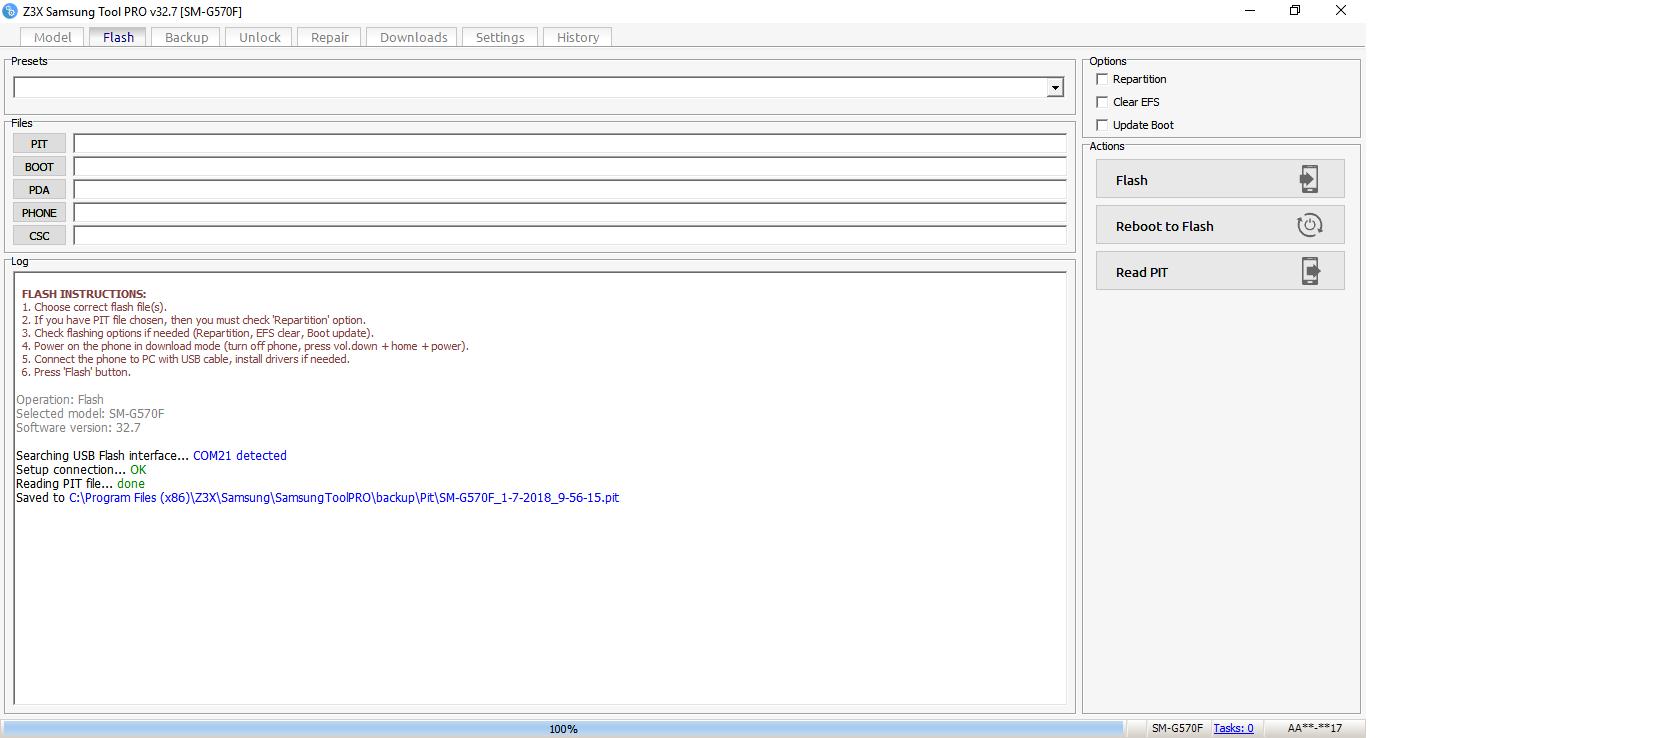 مشکل بوت گوشی sm-g570f j5 prime - سوالات نرم افزاری - جی اس ام دولوپرز